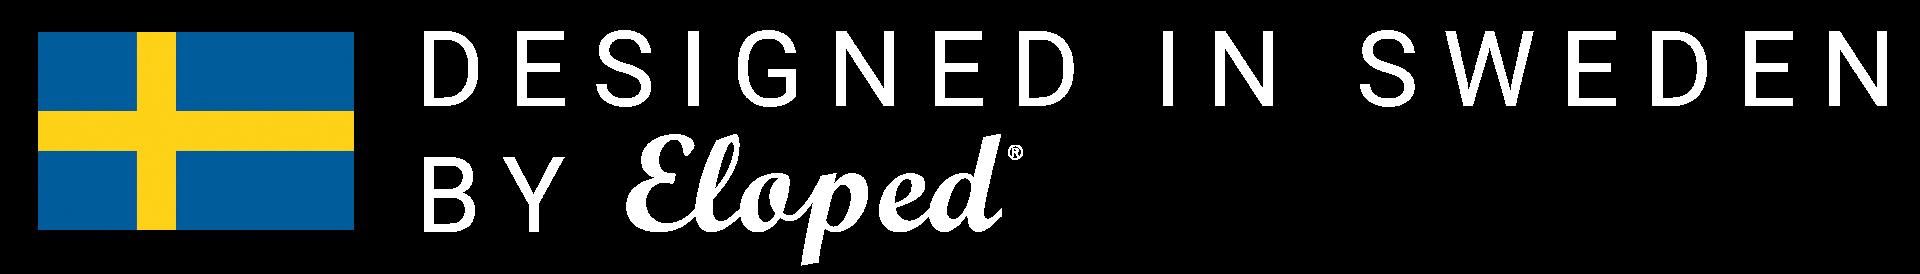 designed in sweden by eloped